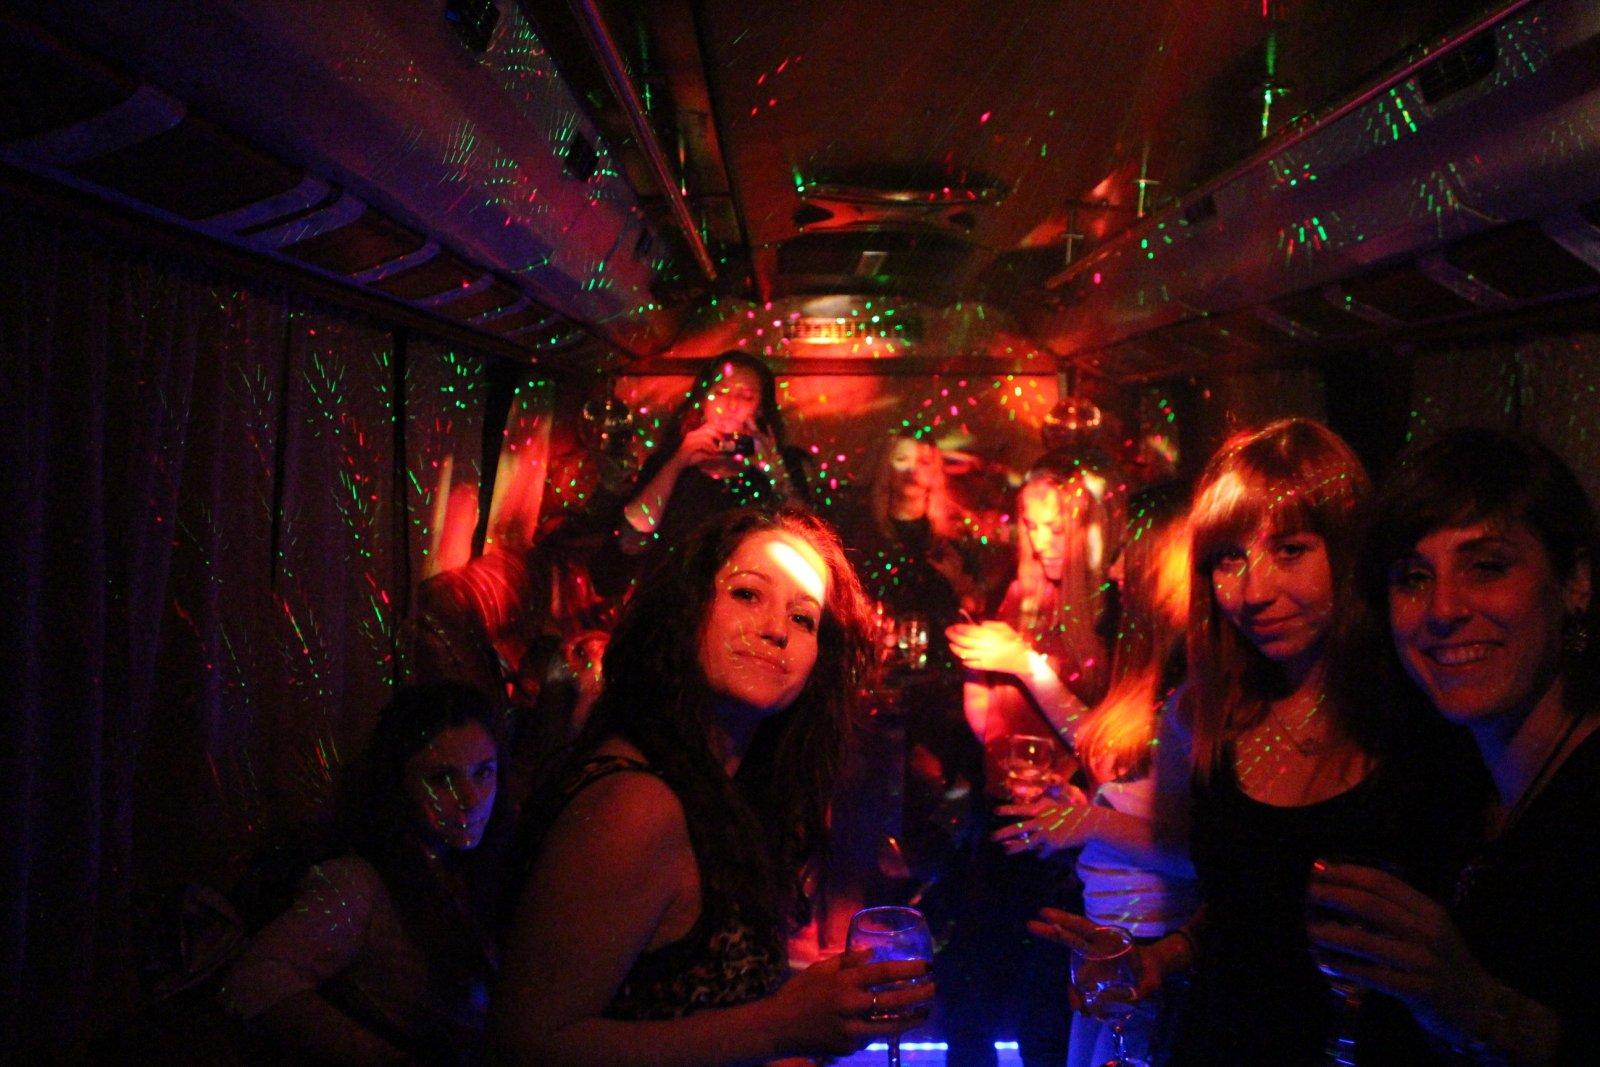 8-mi mart v partybus news 3